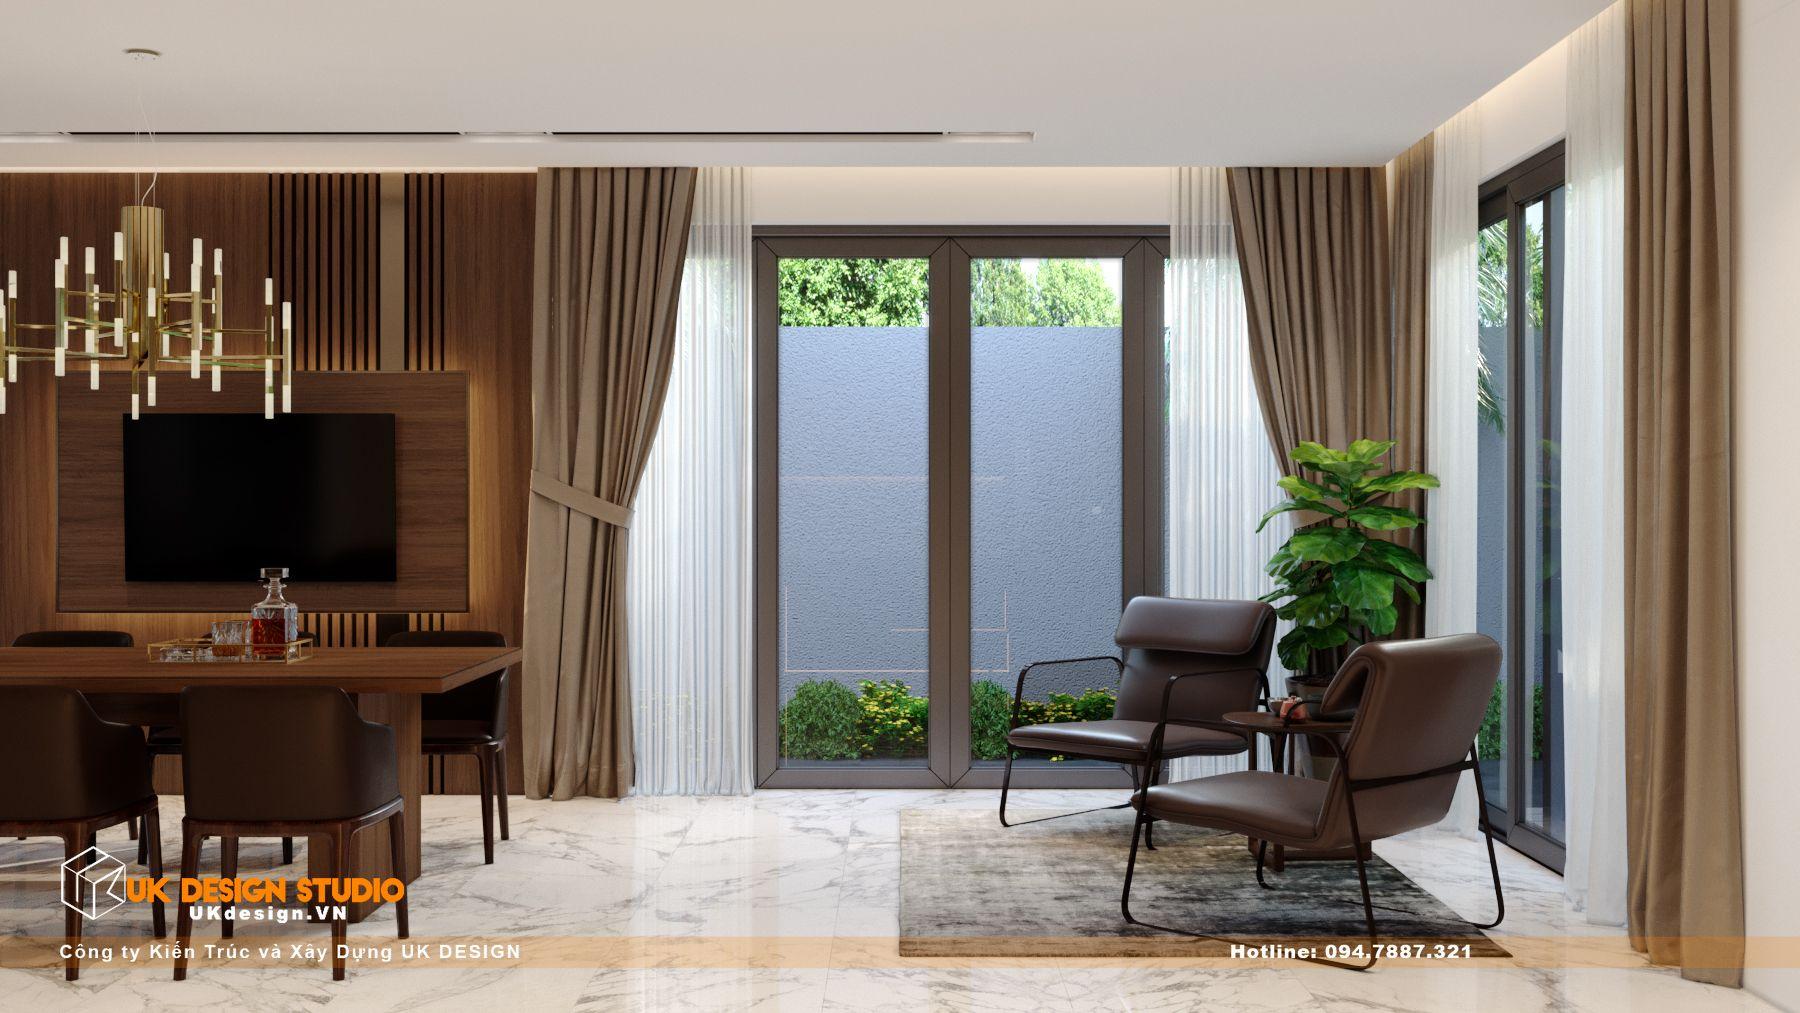 Thiết kế nội thất biệt thự nhà đẹp 3 tầng ở Quận 8 - Phòng Khách Bếp 16